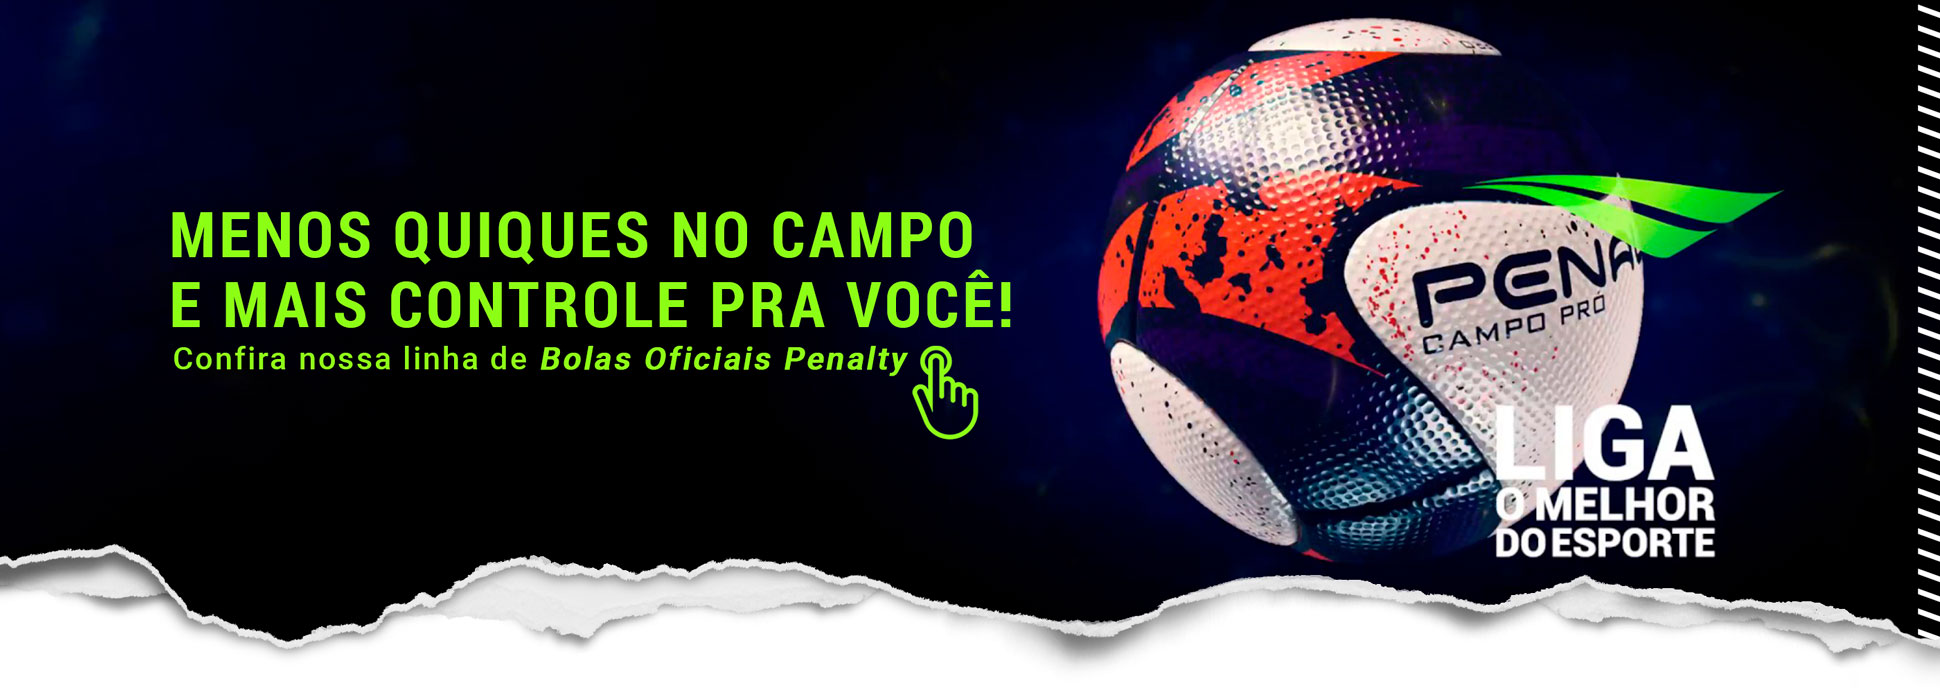 Black Friday Futebol&Cia.